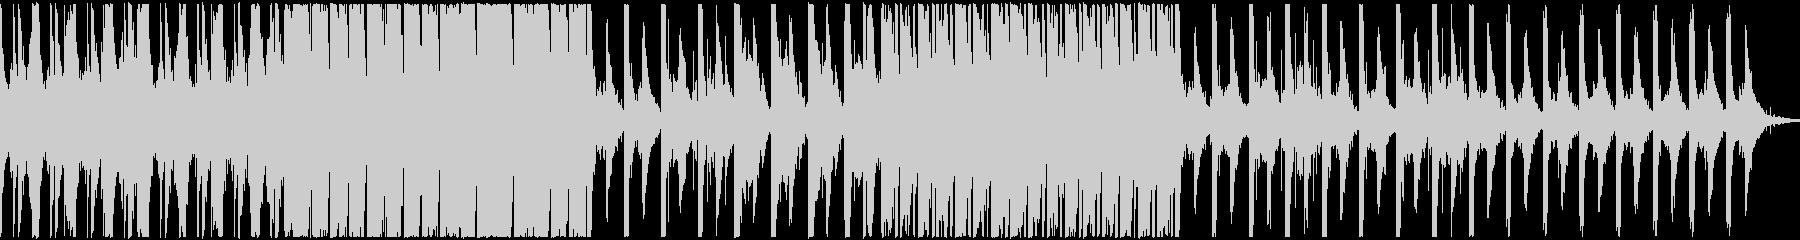 重厚で神秘的なピアノとベル主のエレクトロの未再生の波形